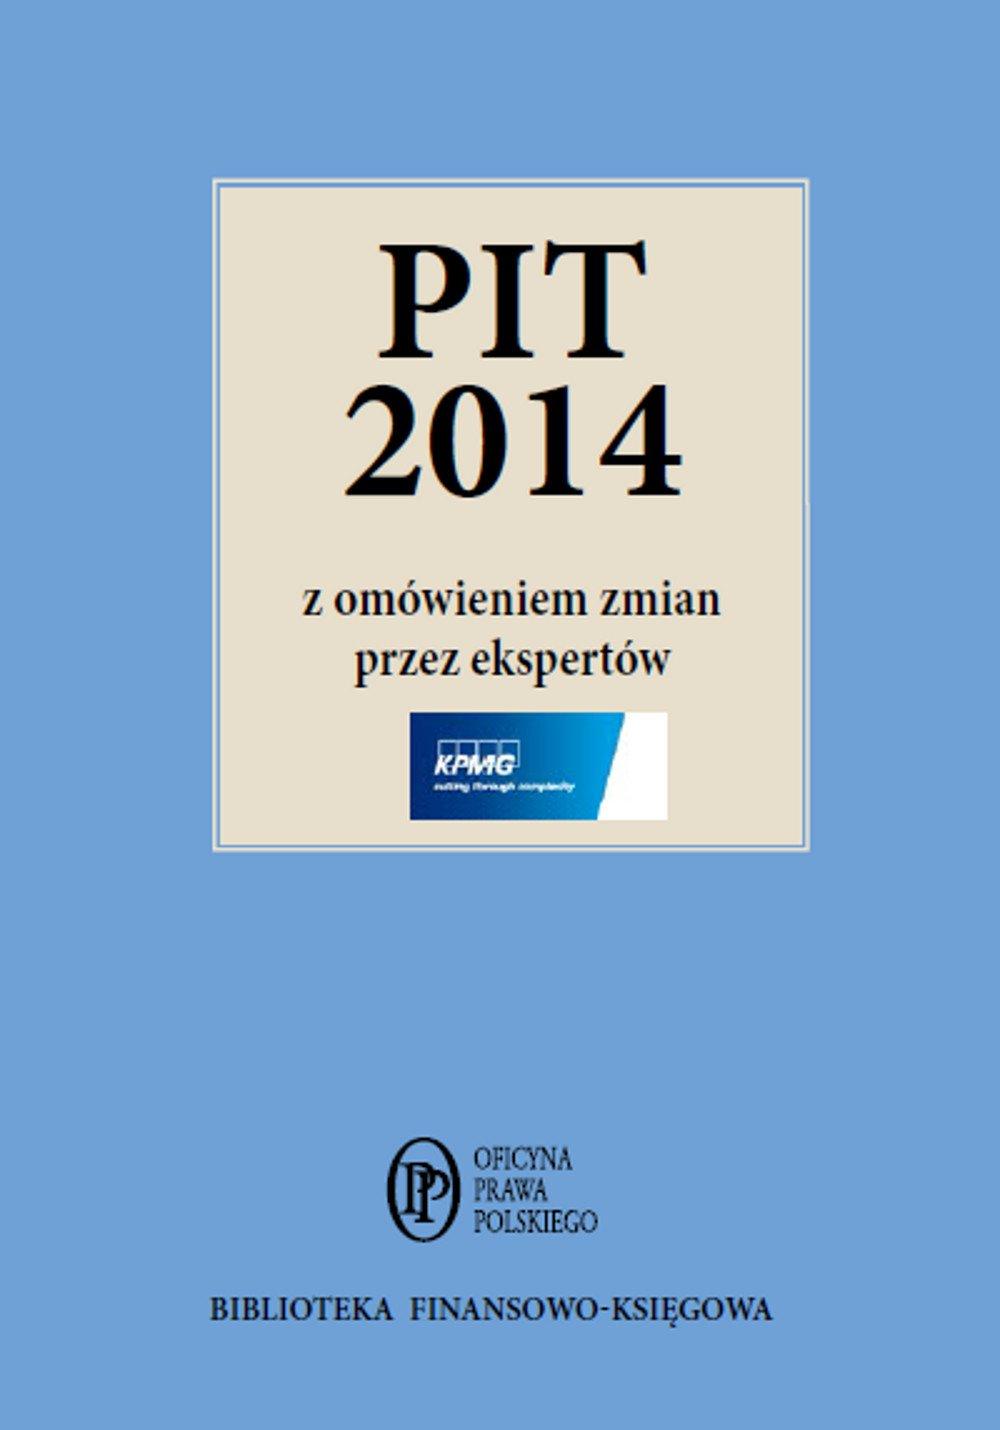 PIT 2014 z omówieniem ekspertów KPMG - Ebook (Książka EPUB) do pobrania w formacie EPUB